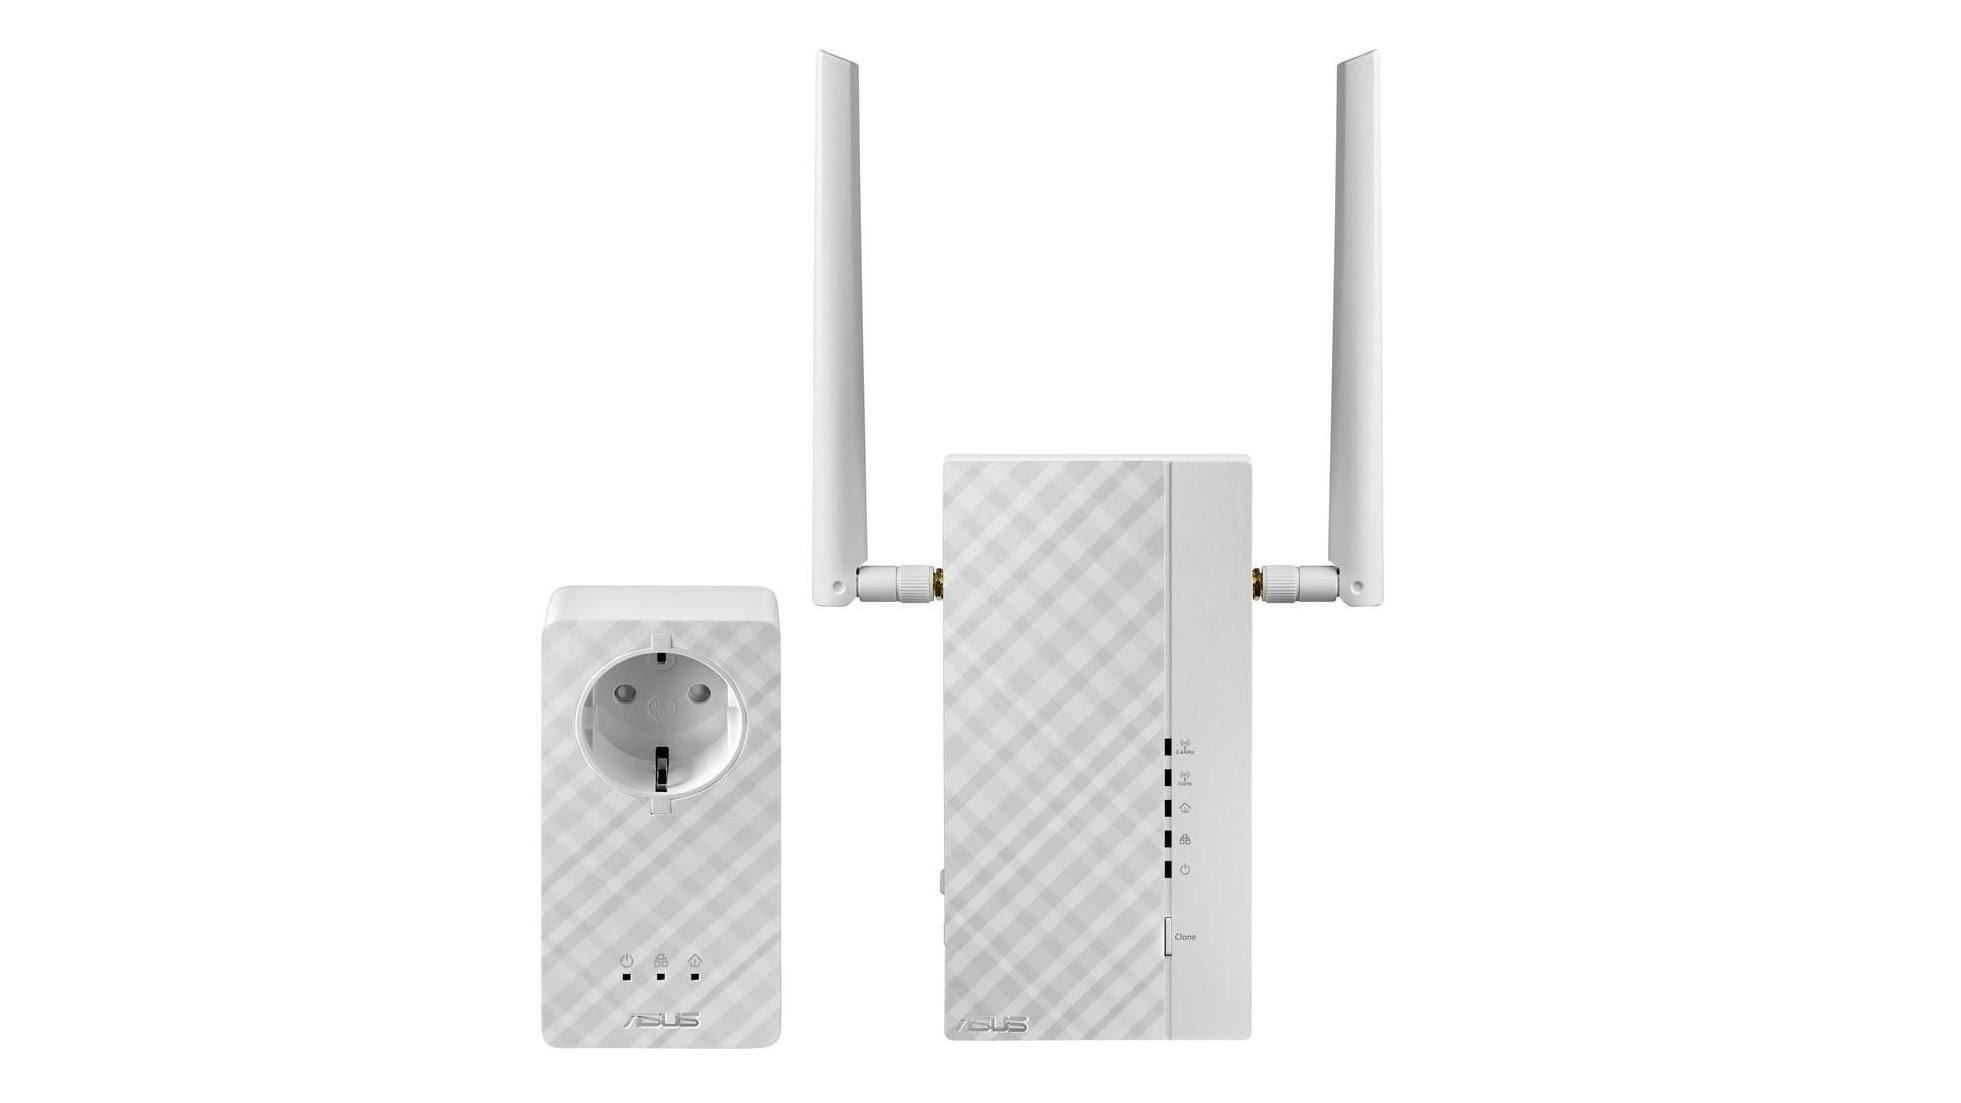 Asus 1200Mbps AV2 1200 Wi-Fi Powerline Adapter